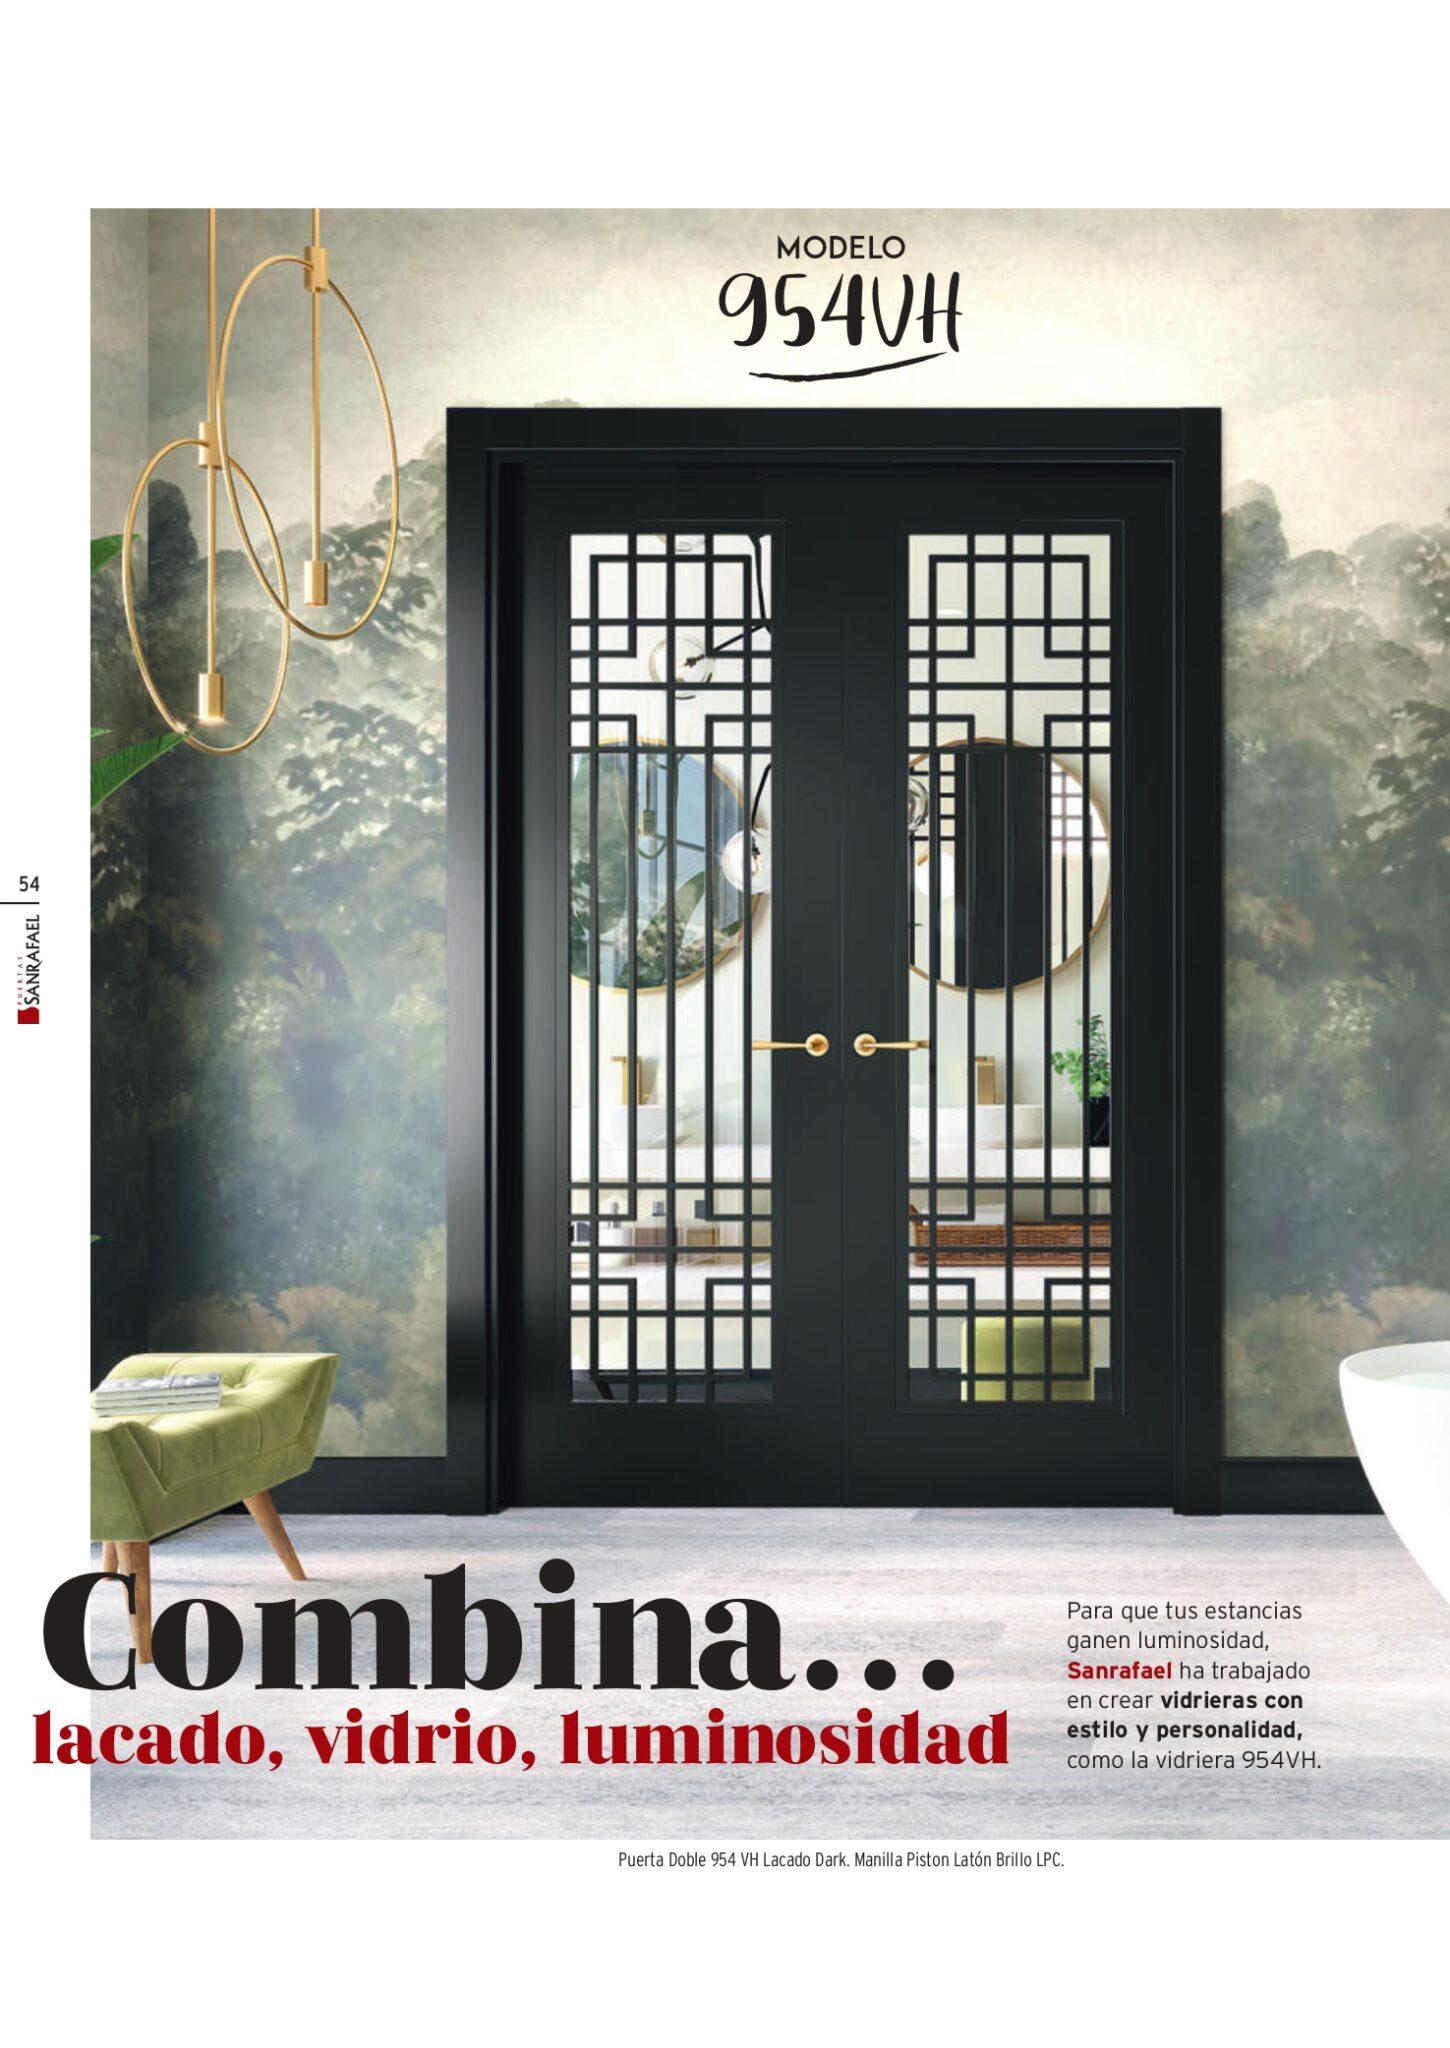 Puerta Doble 954 VH Lacado Dark. Manilla Piston Latón Brillo LPC_page-0001